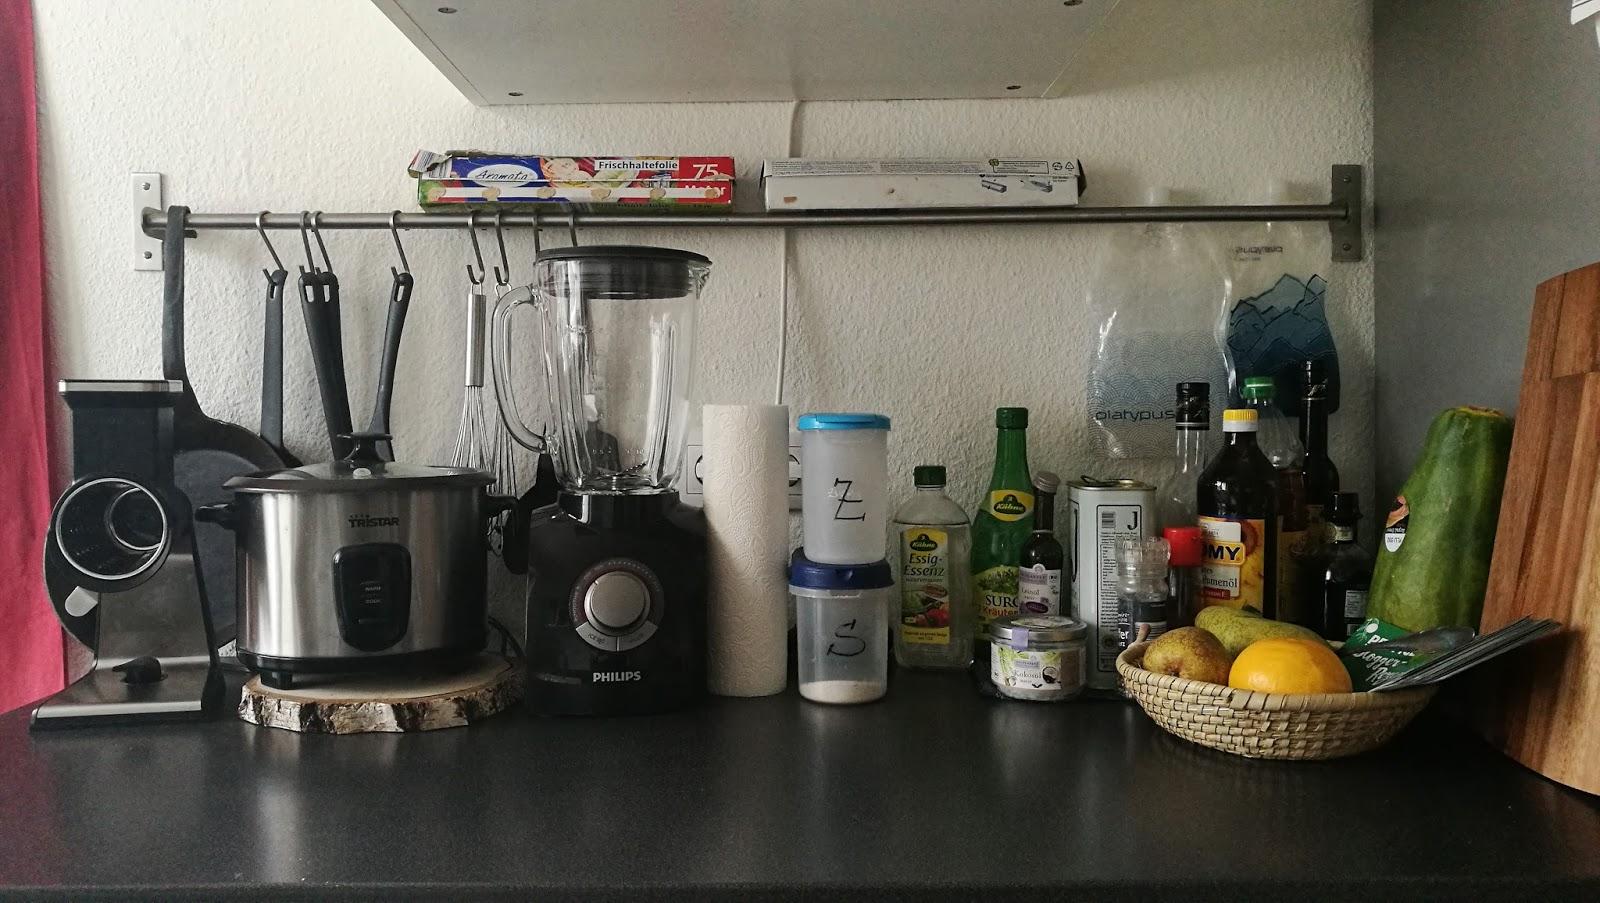 Unsere neue IKEA-Küche, Teil I – Grundgedanke, Planung, Kauf ...